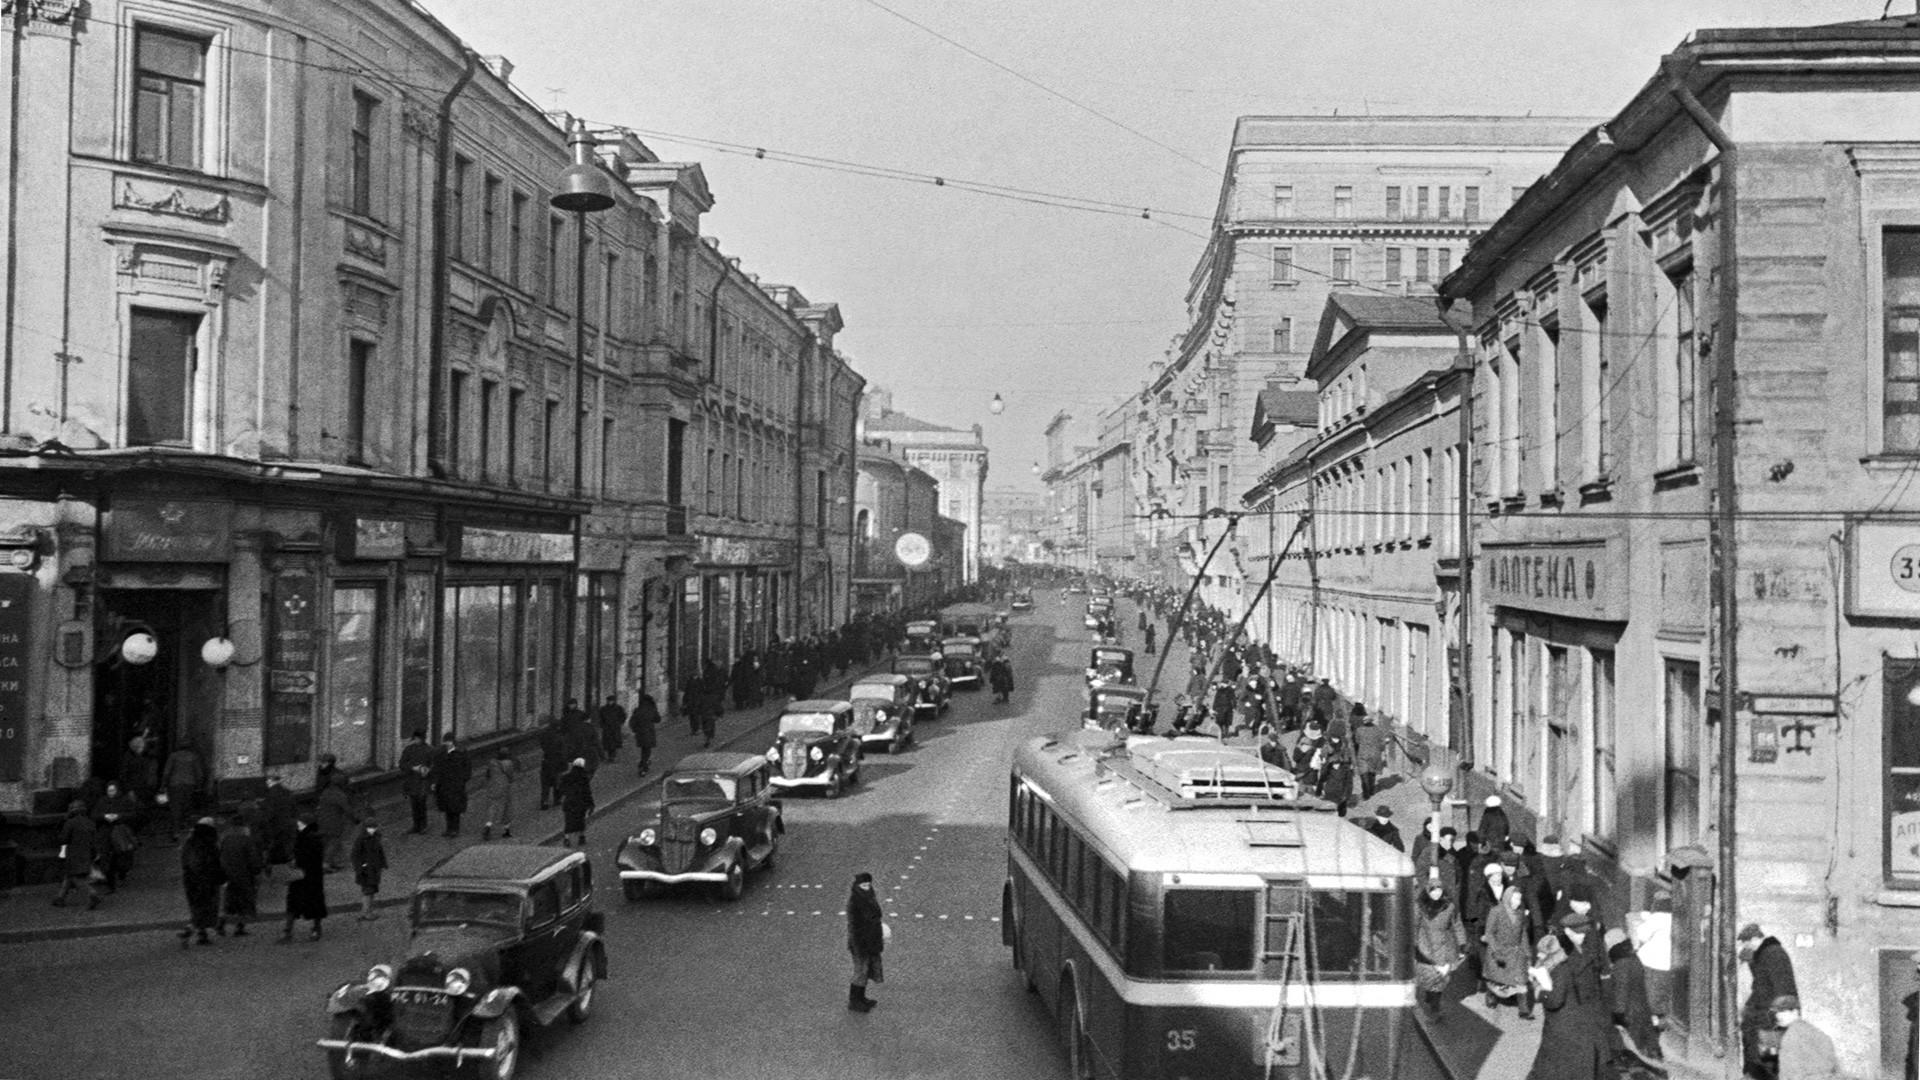 La via Gorkij, oggi Tverskaya, in epoca sovietica